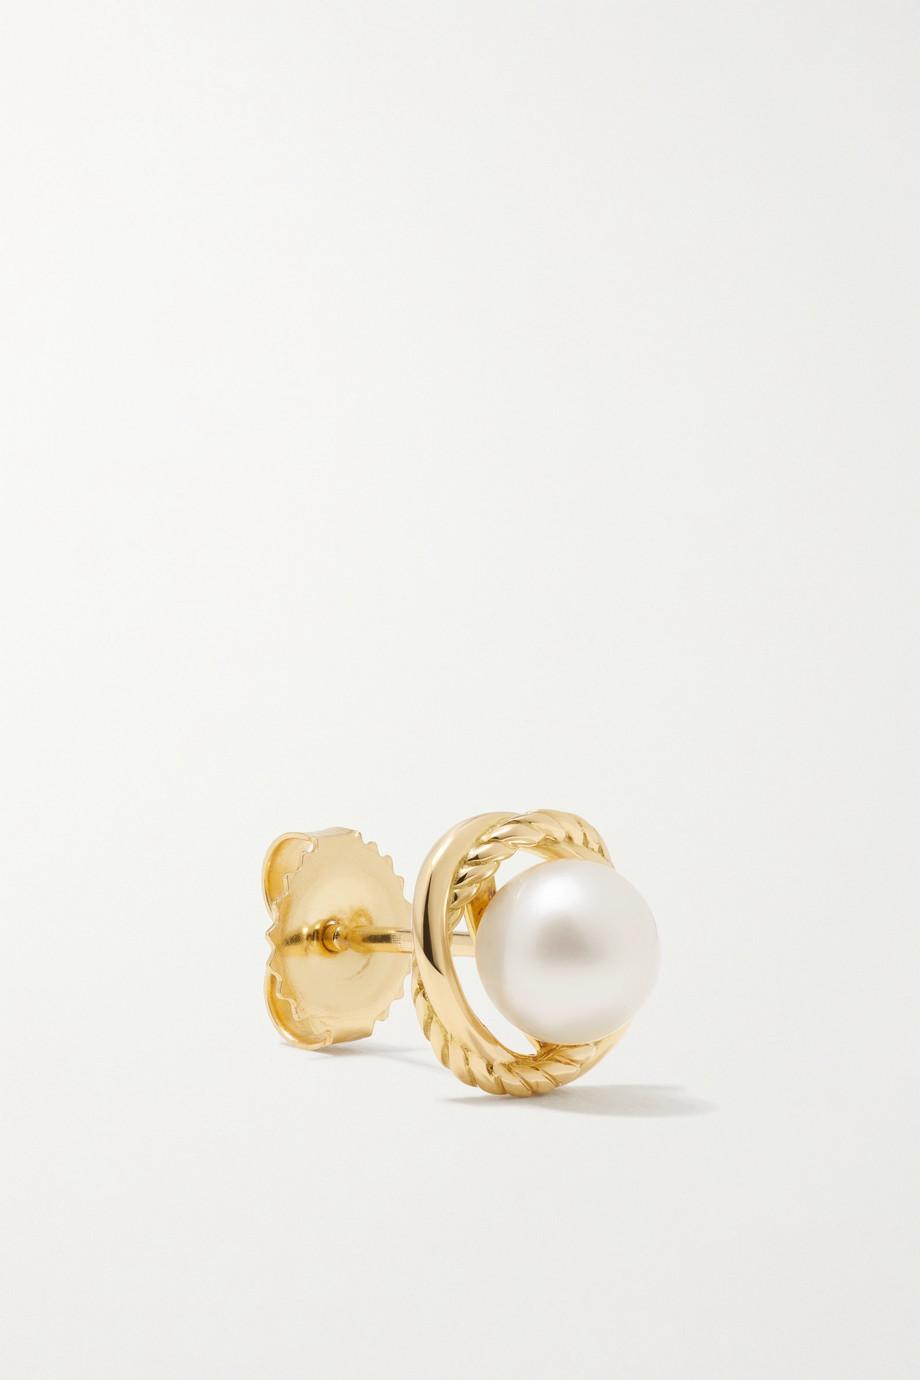 David Yurman Infinity Ohrstecker aus 18 Karat Gold mit Perlen